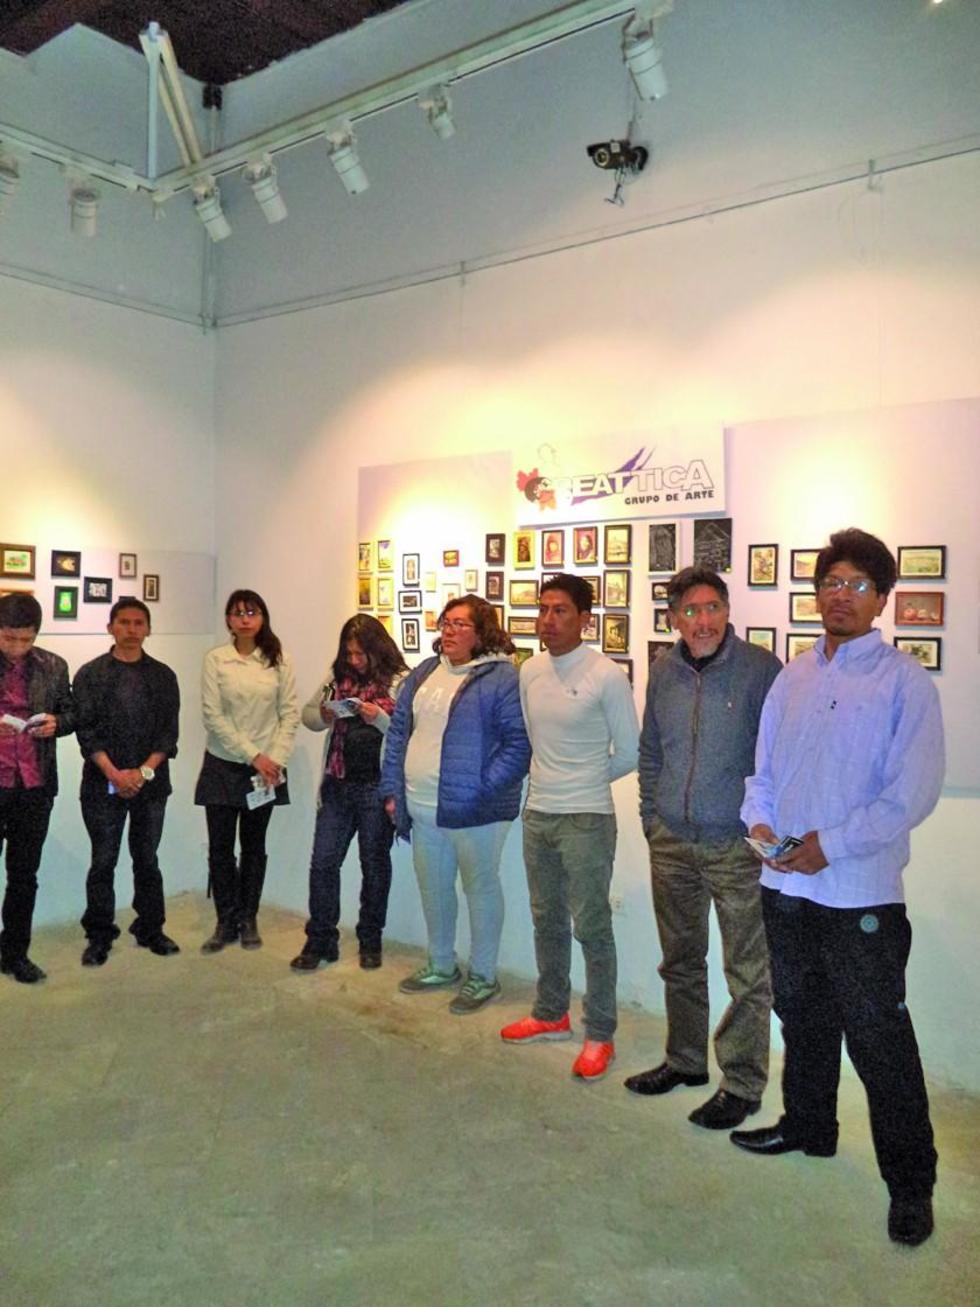 Los artistas en el acto de inauguración.